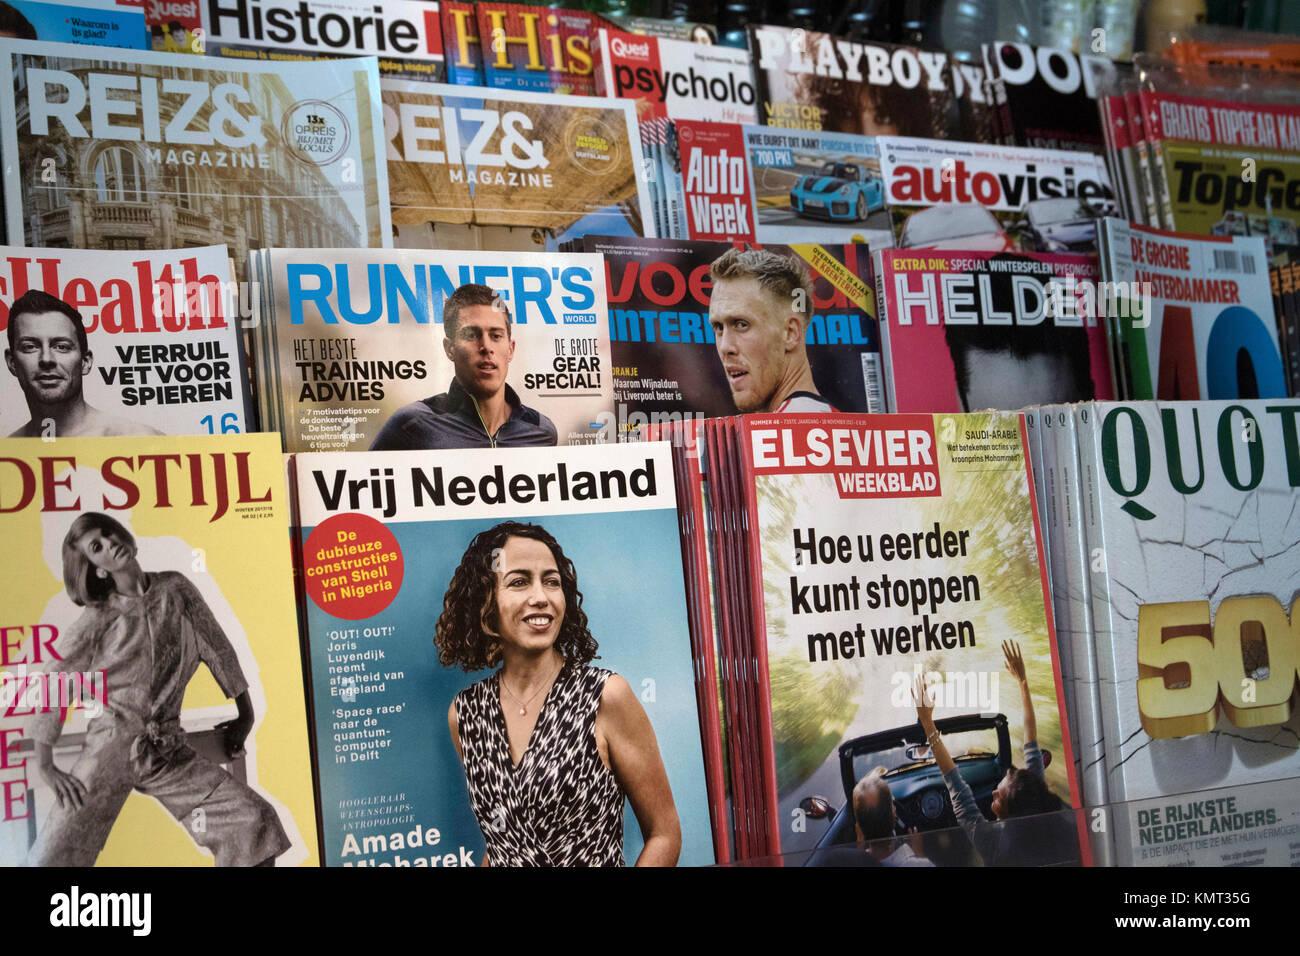 In playboy nederlanders Nederlandse TV